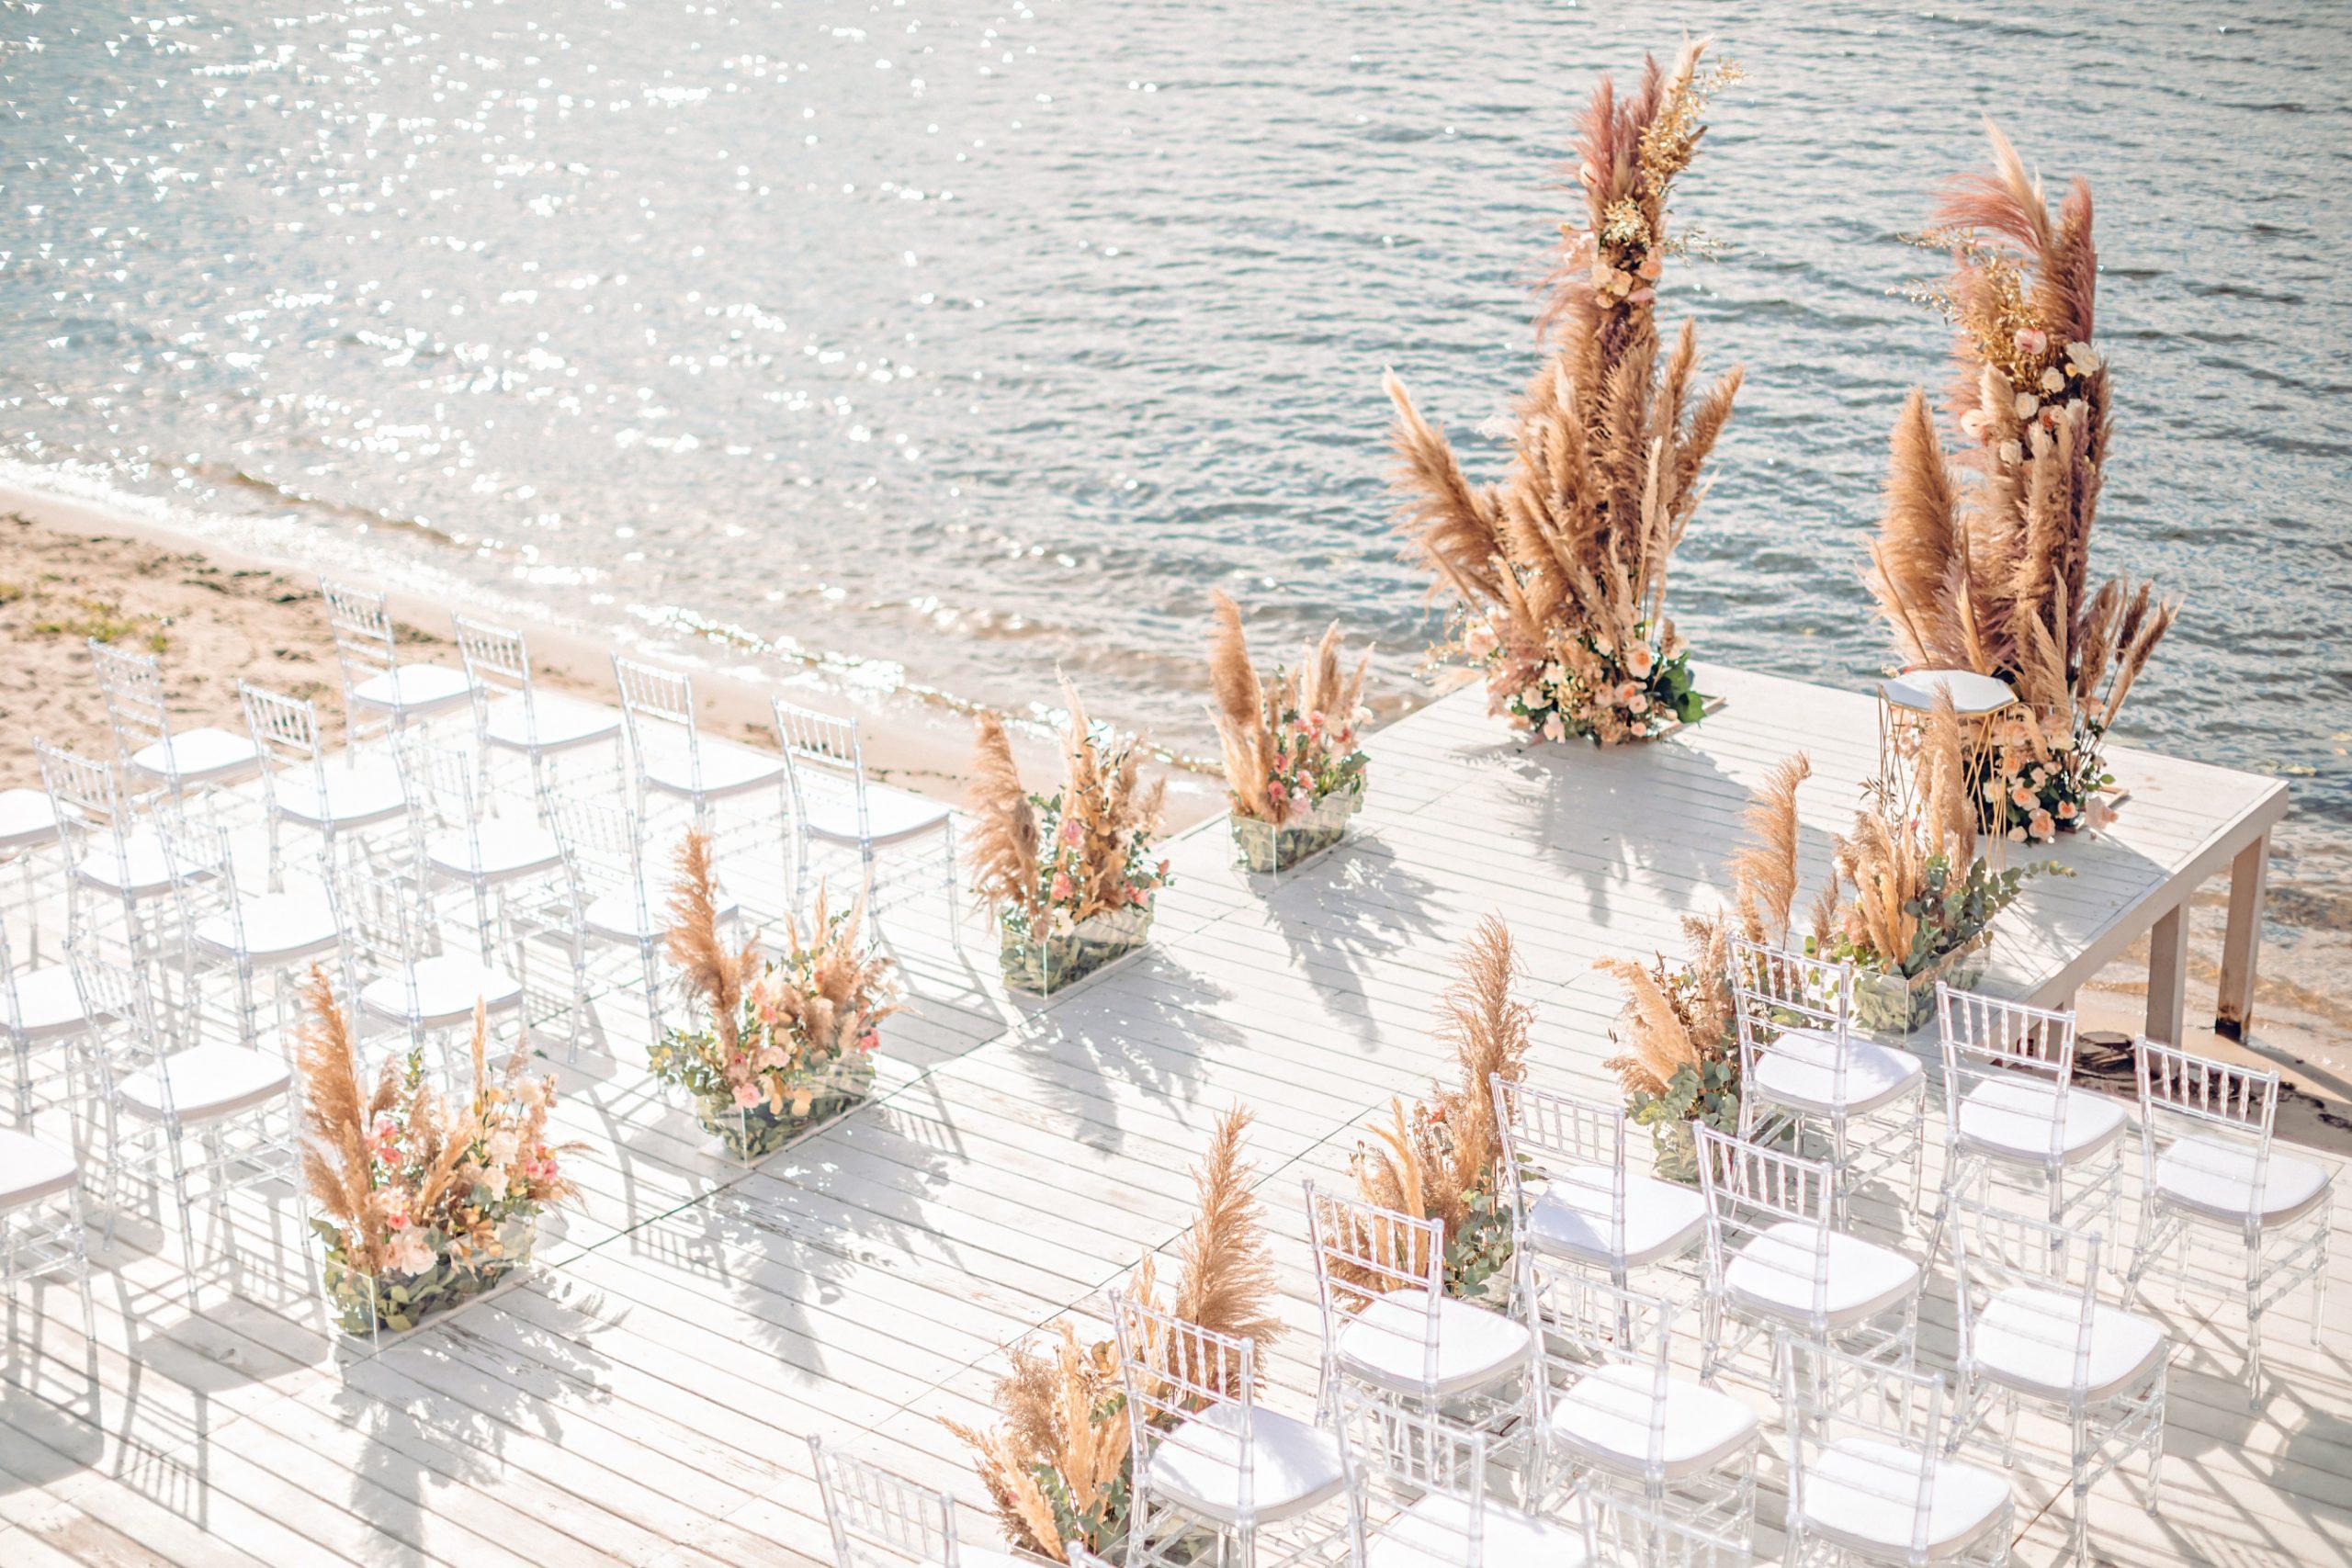 Décoration de cérémonie de mariage sur la plage